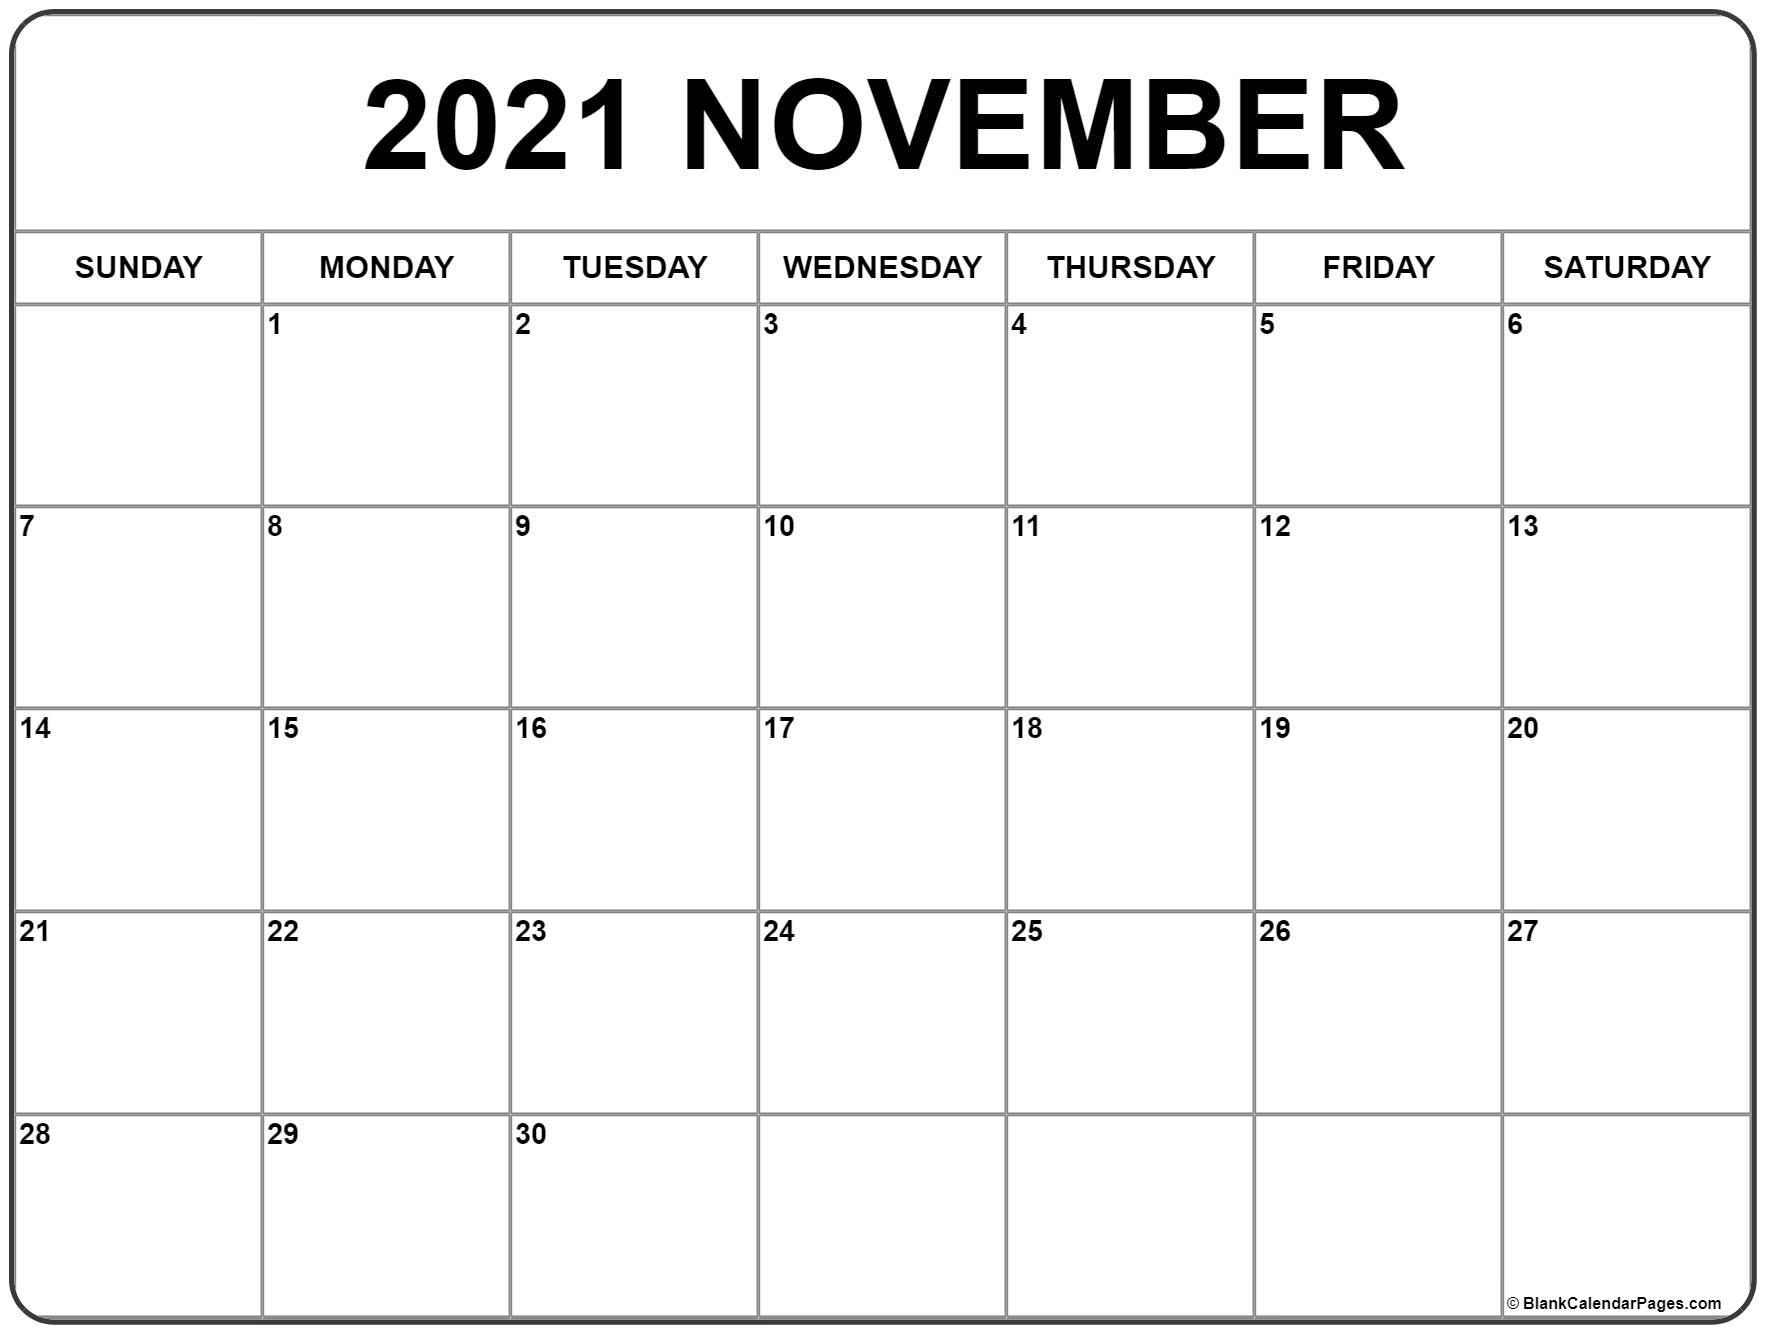 Catch November Calendar 2021 Printable Free